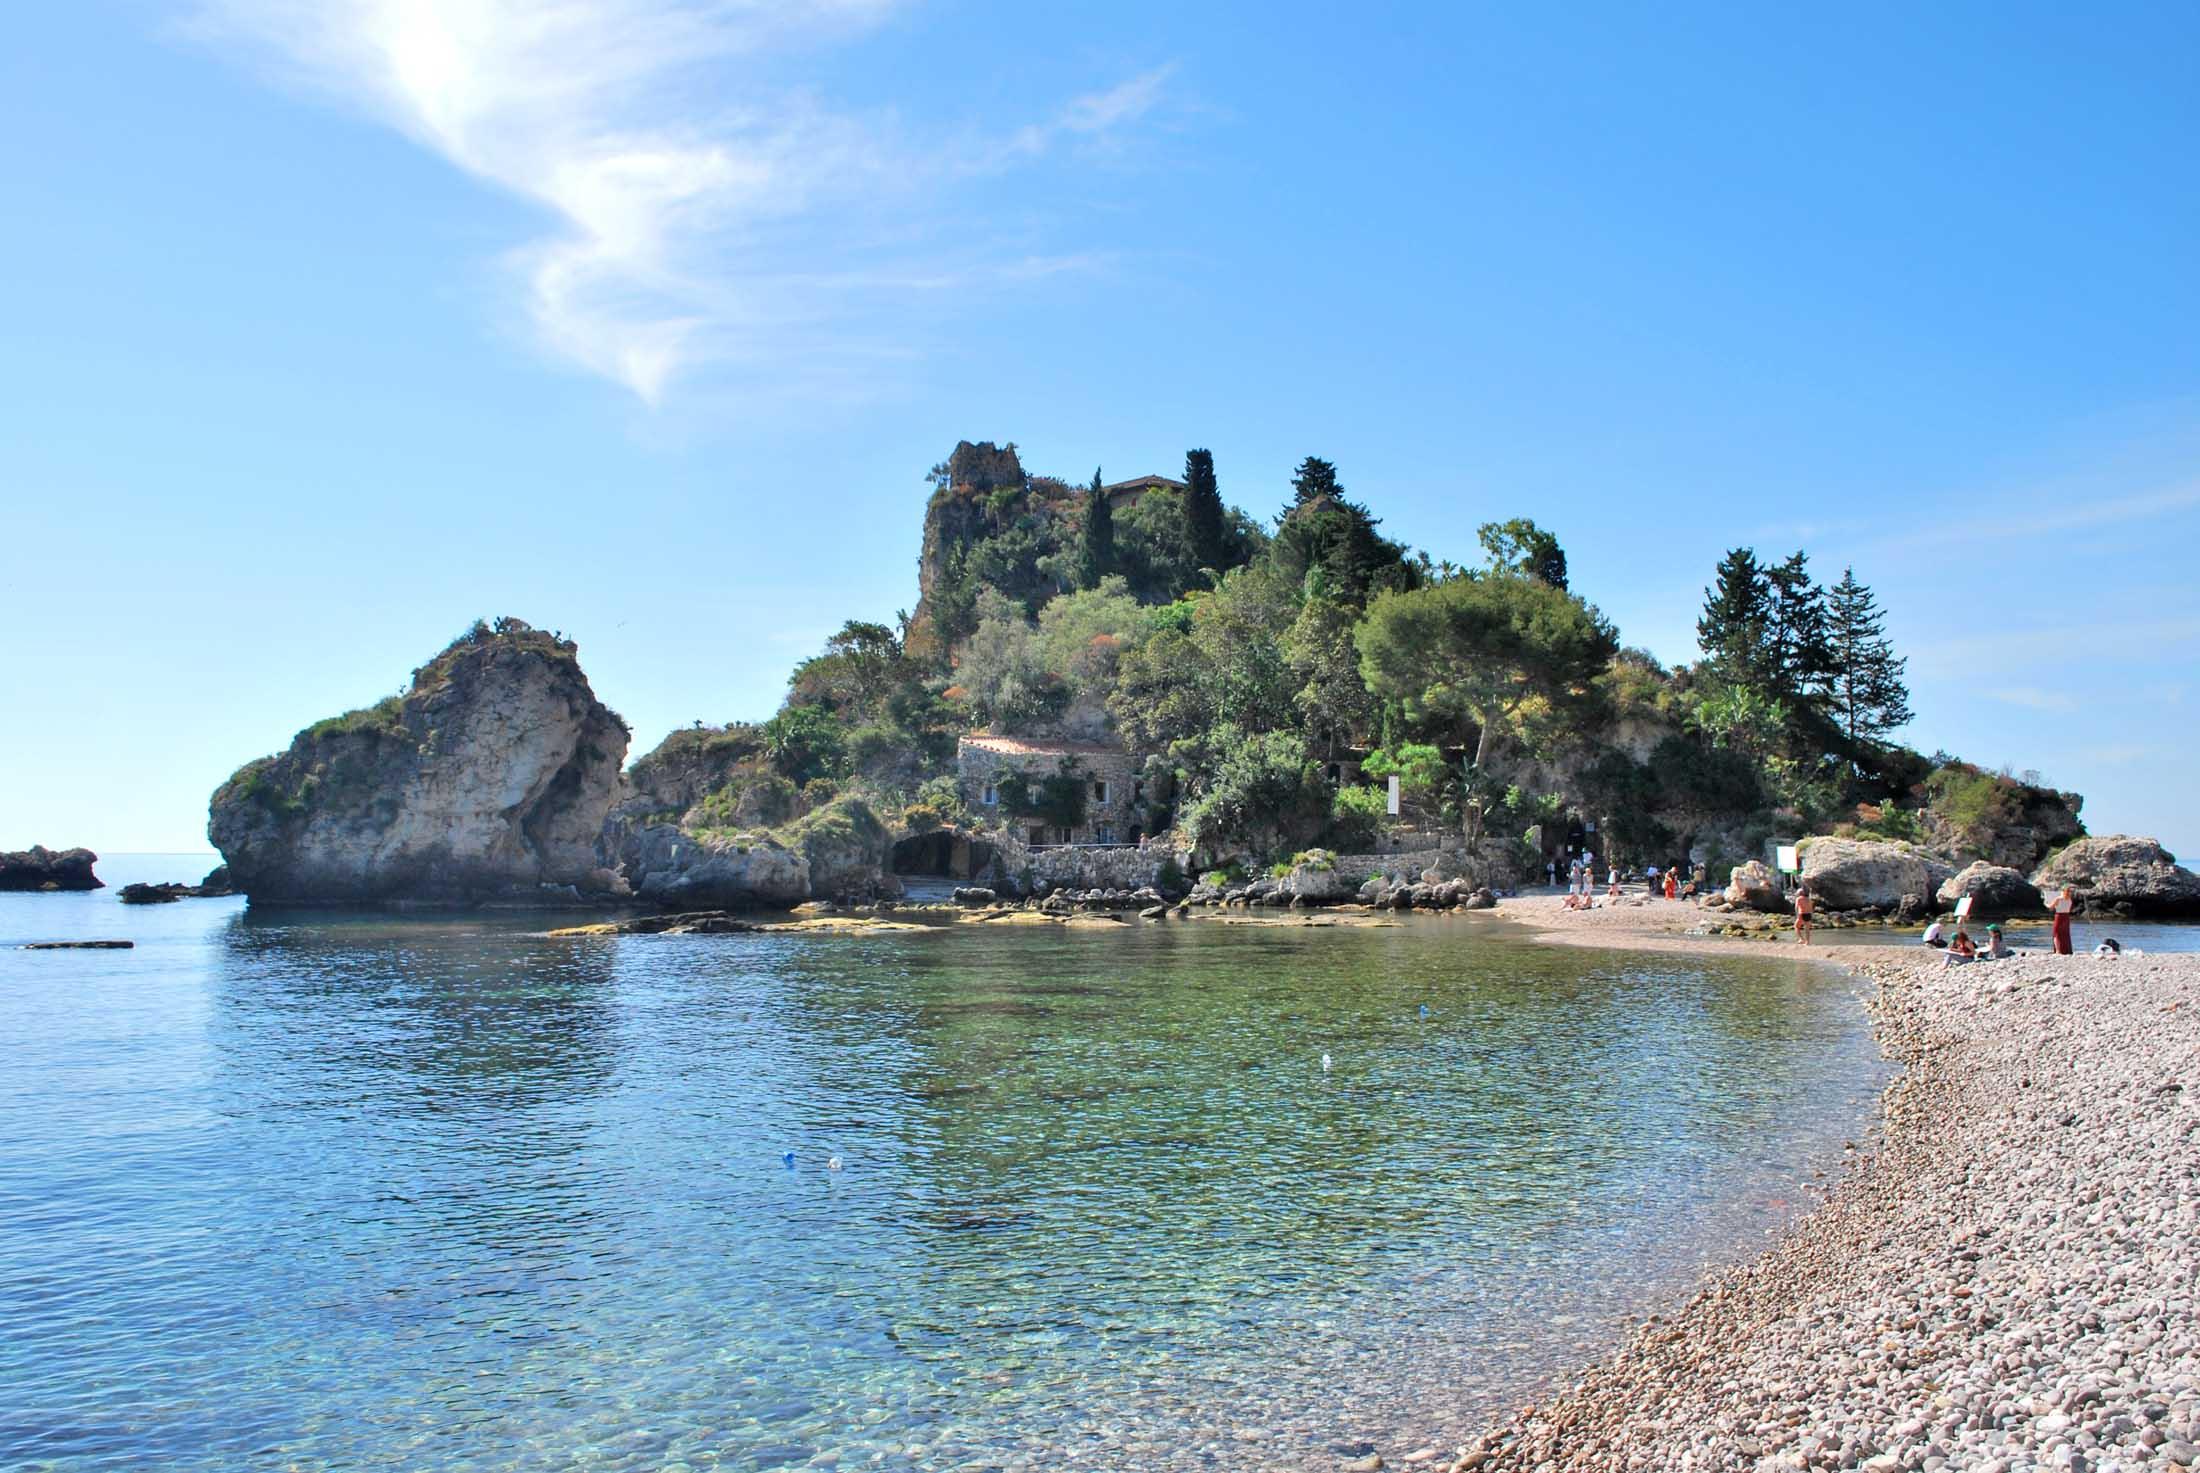 Il cutgana ripulisce i fondali della baia di isola bella periperi catania - La finestra sul mare taormina ...